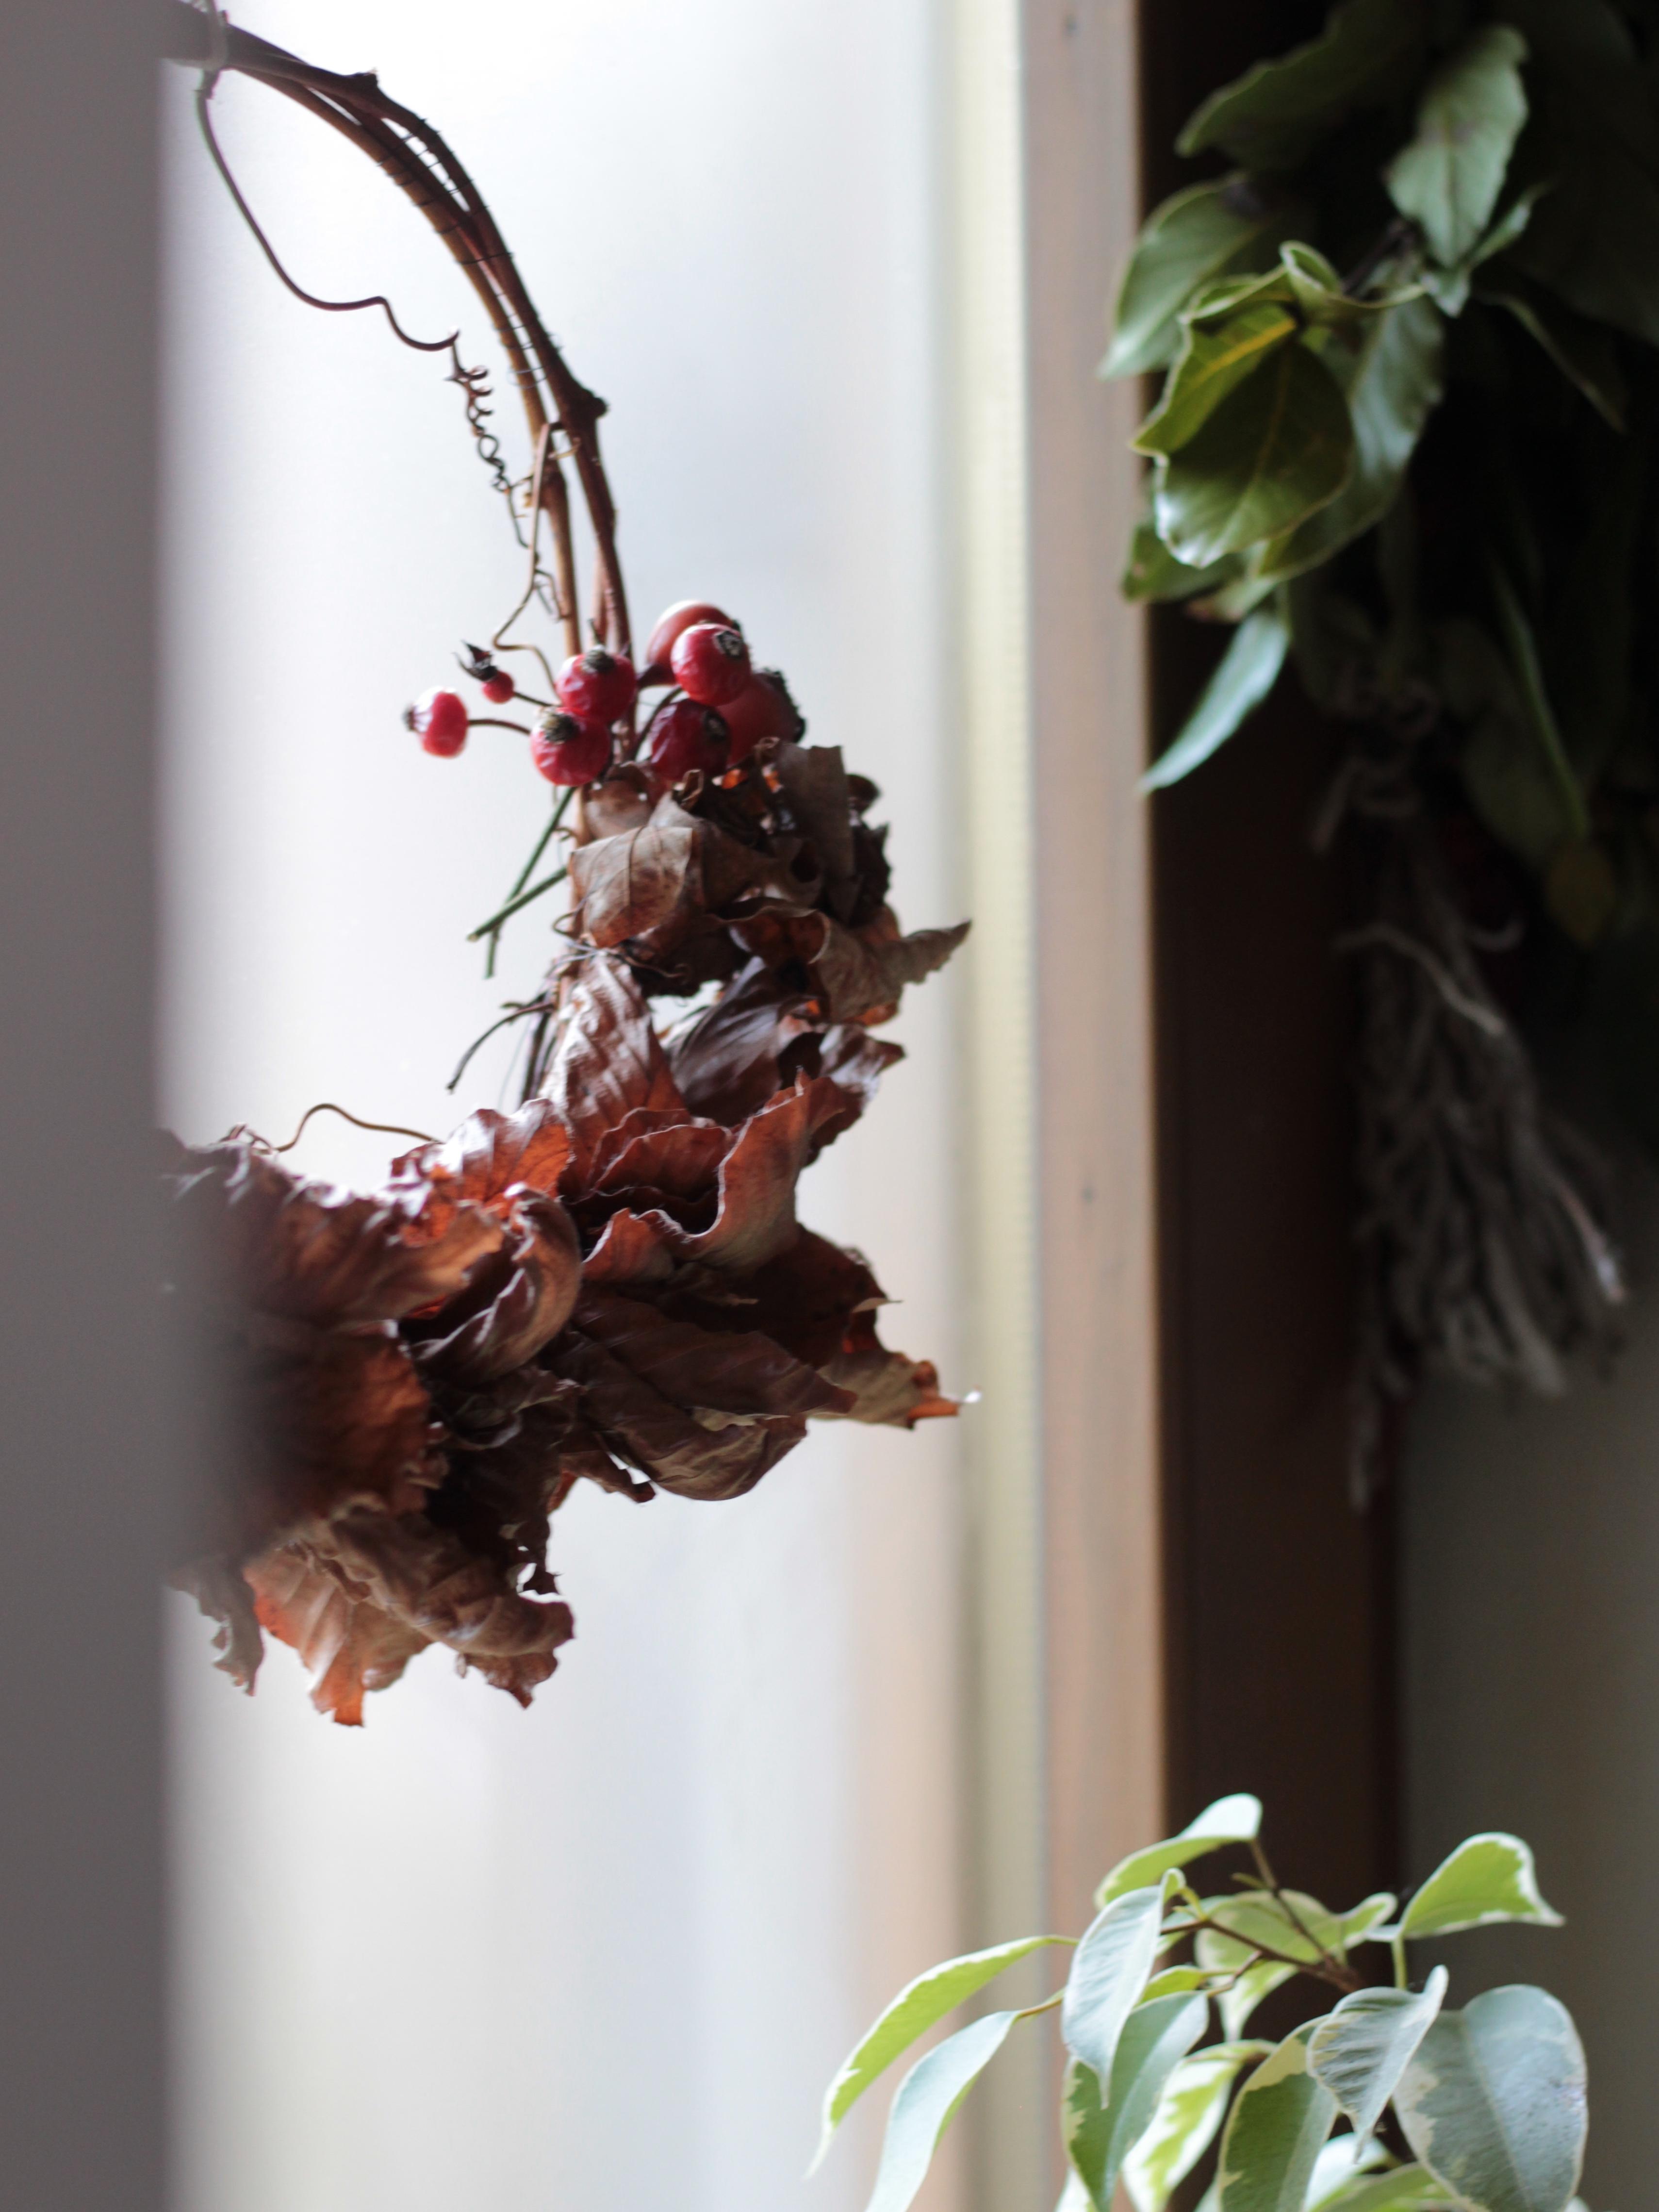 ghirlanda di foglie di faggio e bacche di sorbo appesa alla finesra